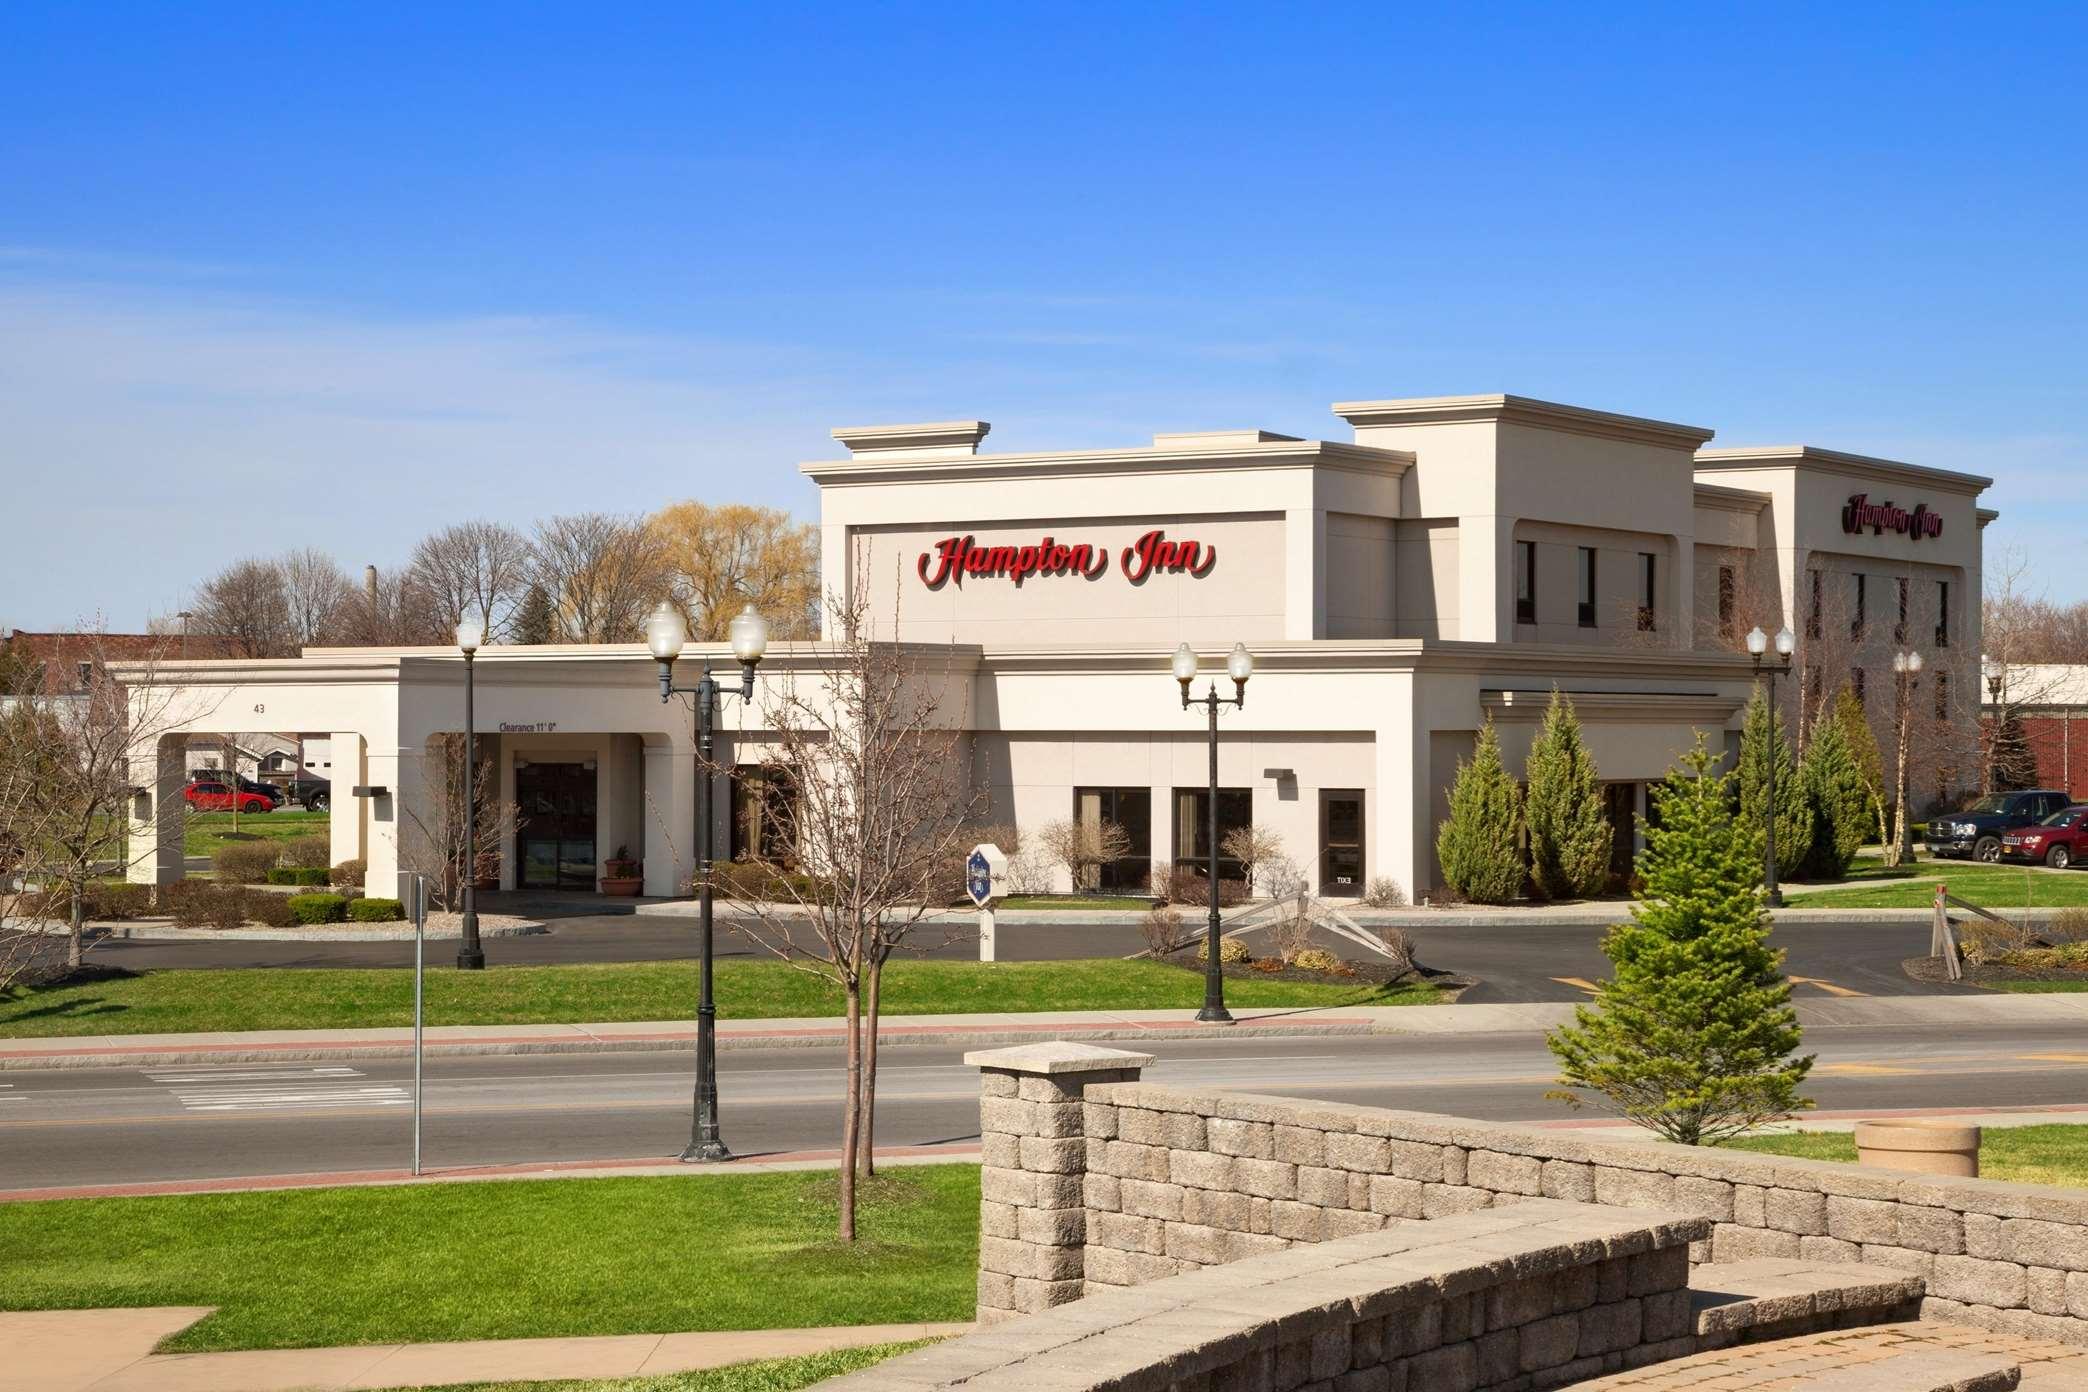 Hamilton Ny Motels